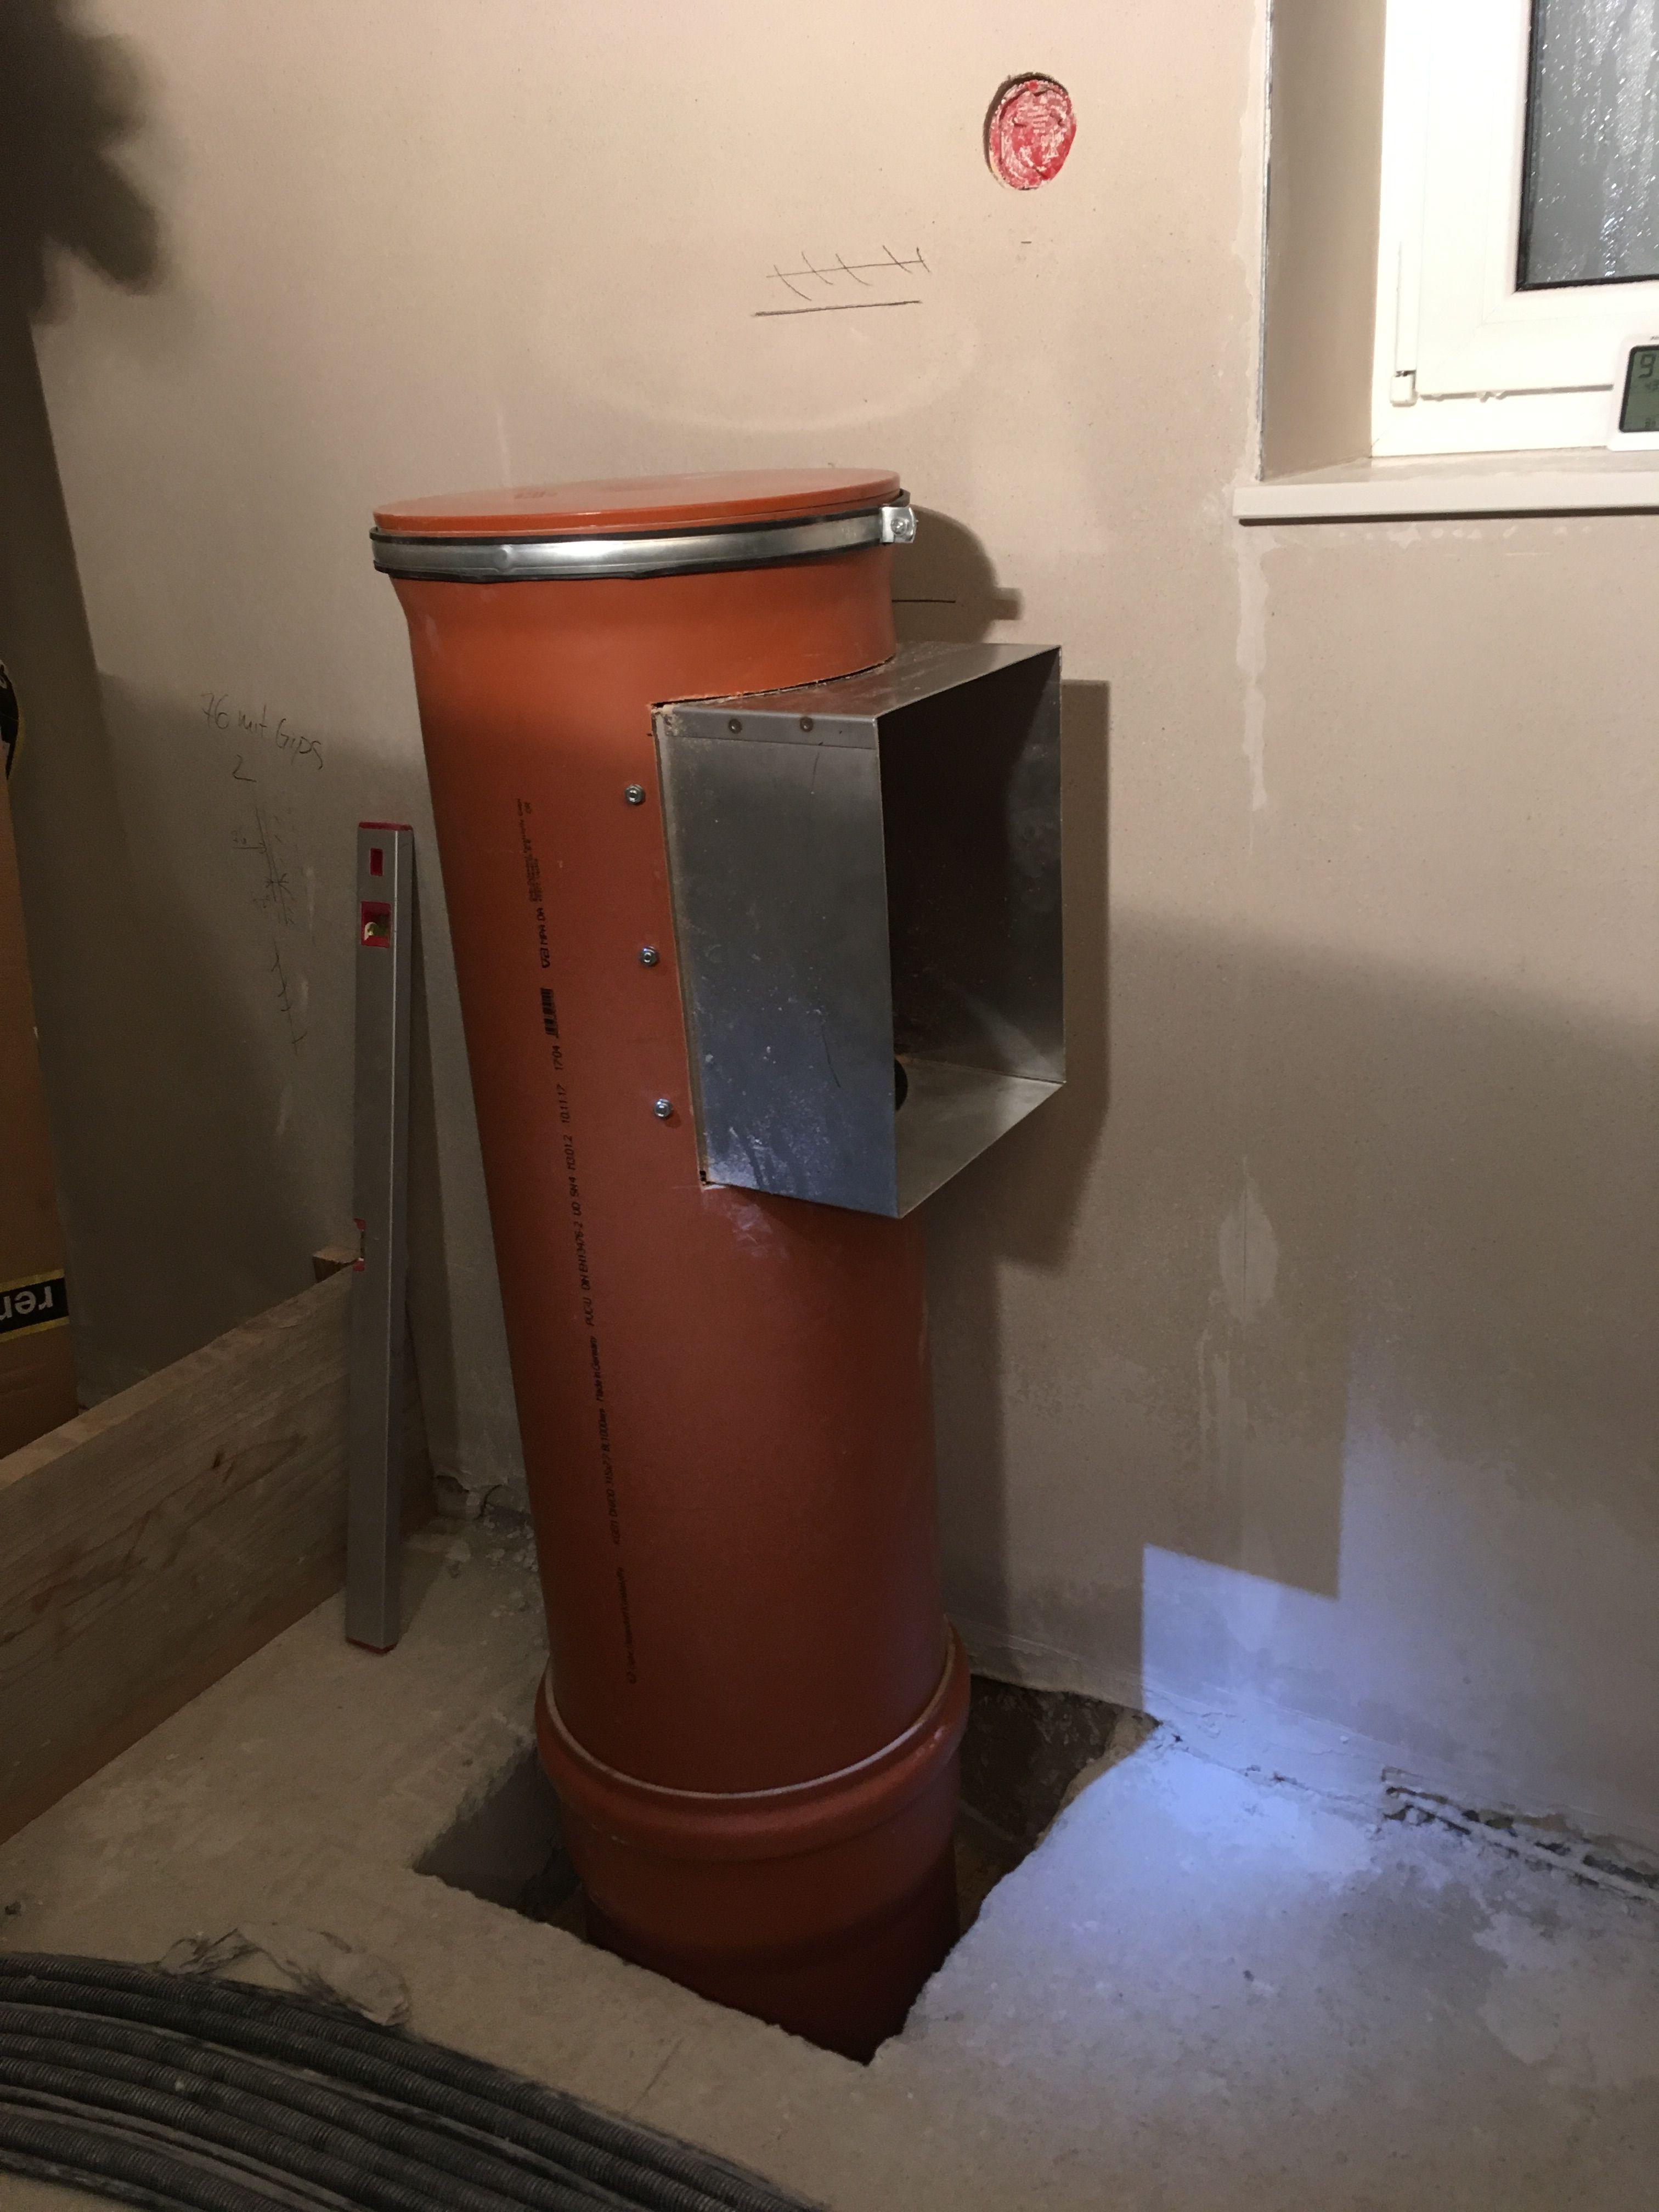 Hervorragend Wäscheschacht ohne Verkleidung | Laundry Chute Ideas in 2019 WK69